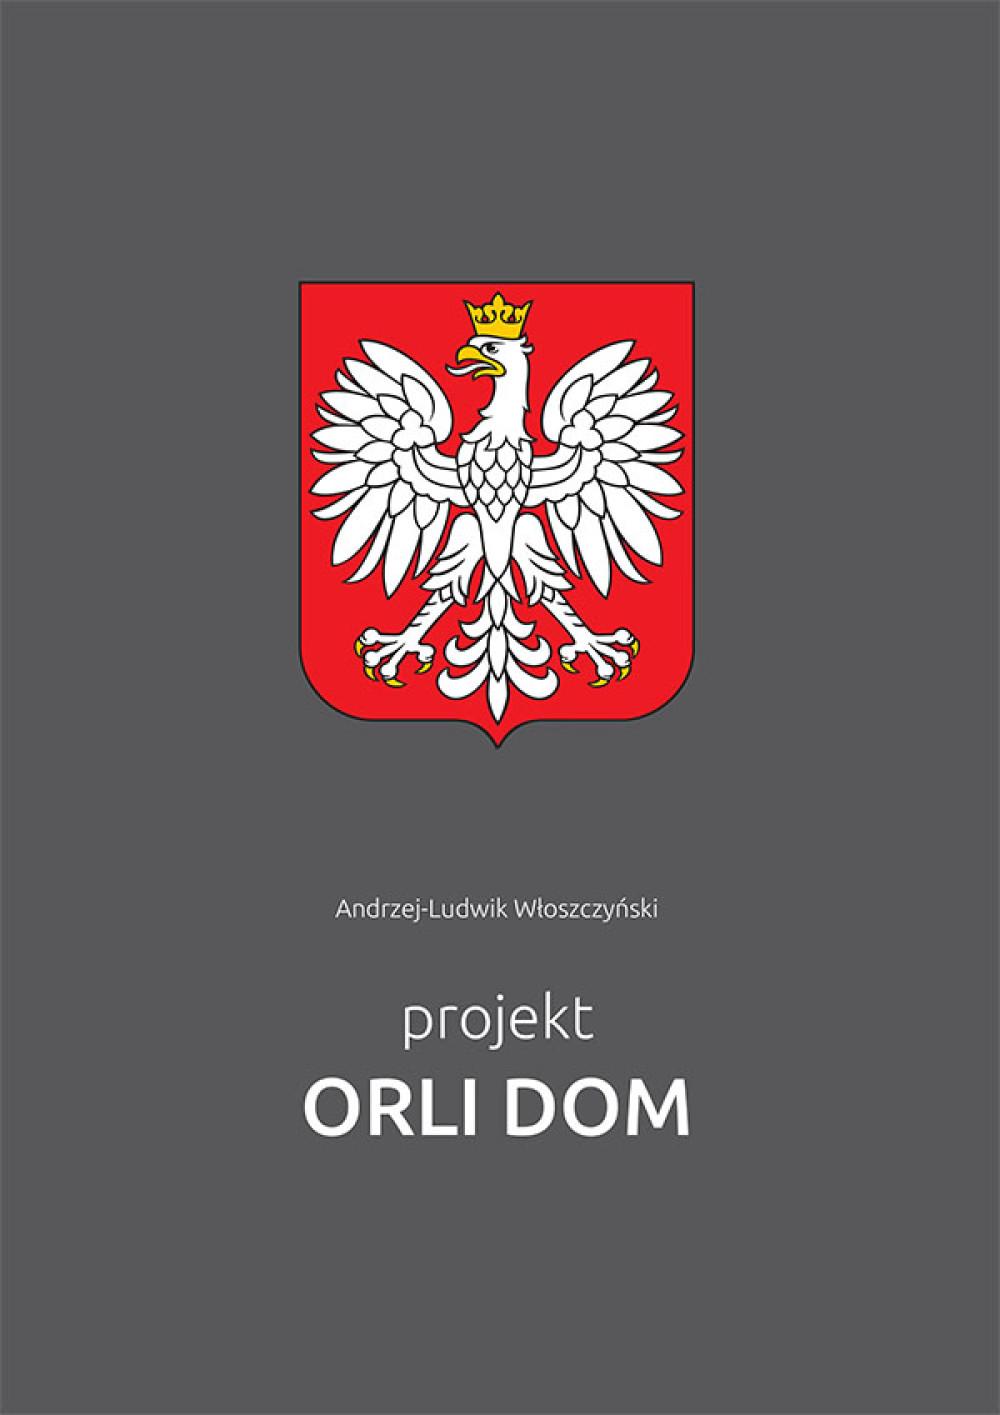 Projekt Orli Dom